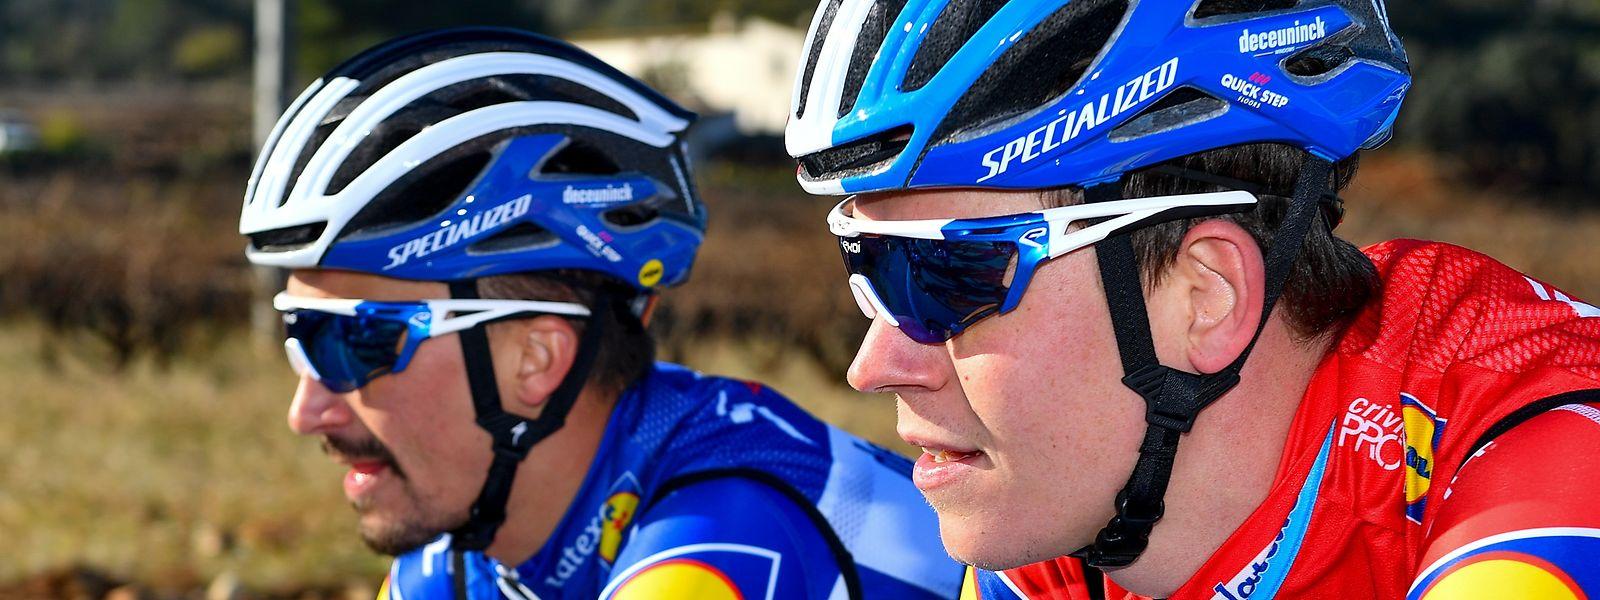 Bob Jungels bei einer Trainingsfahrt am Dienstag mit Teamkollege Julian Alaphilippe (l.).